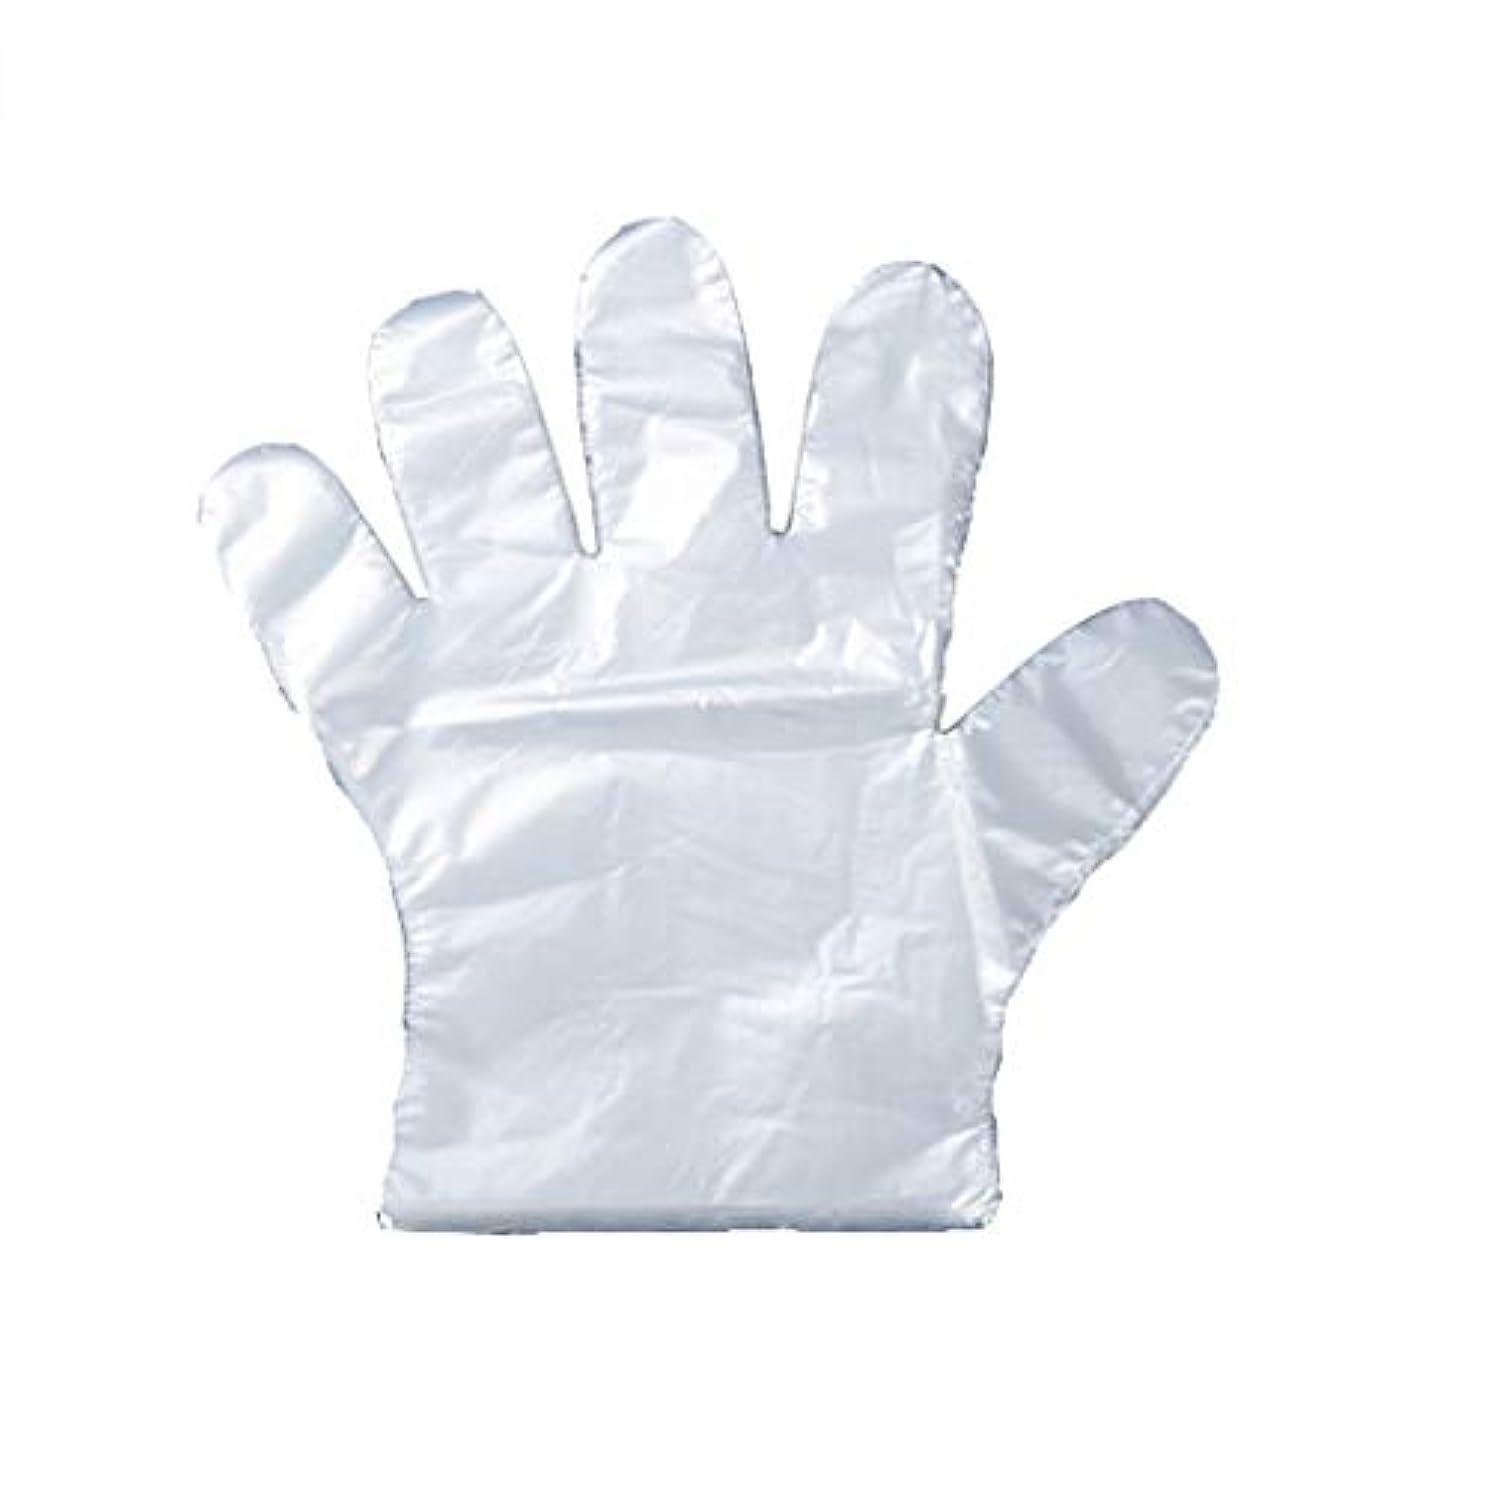 魔法教師の日ぶら下がる手袋の使い捨て手袋のフィルム家庭用キッチンの食品は、透明PEプラスチック手袋100パッケージを厚くした (UnitCount : 200)